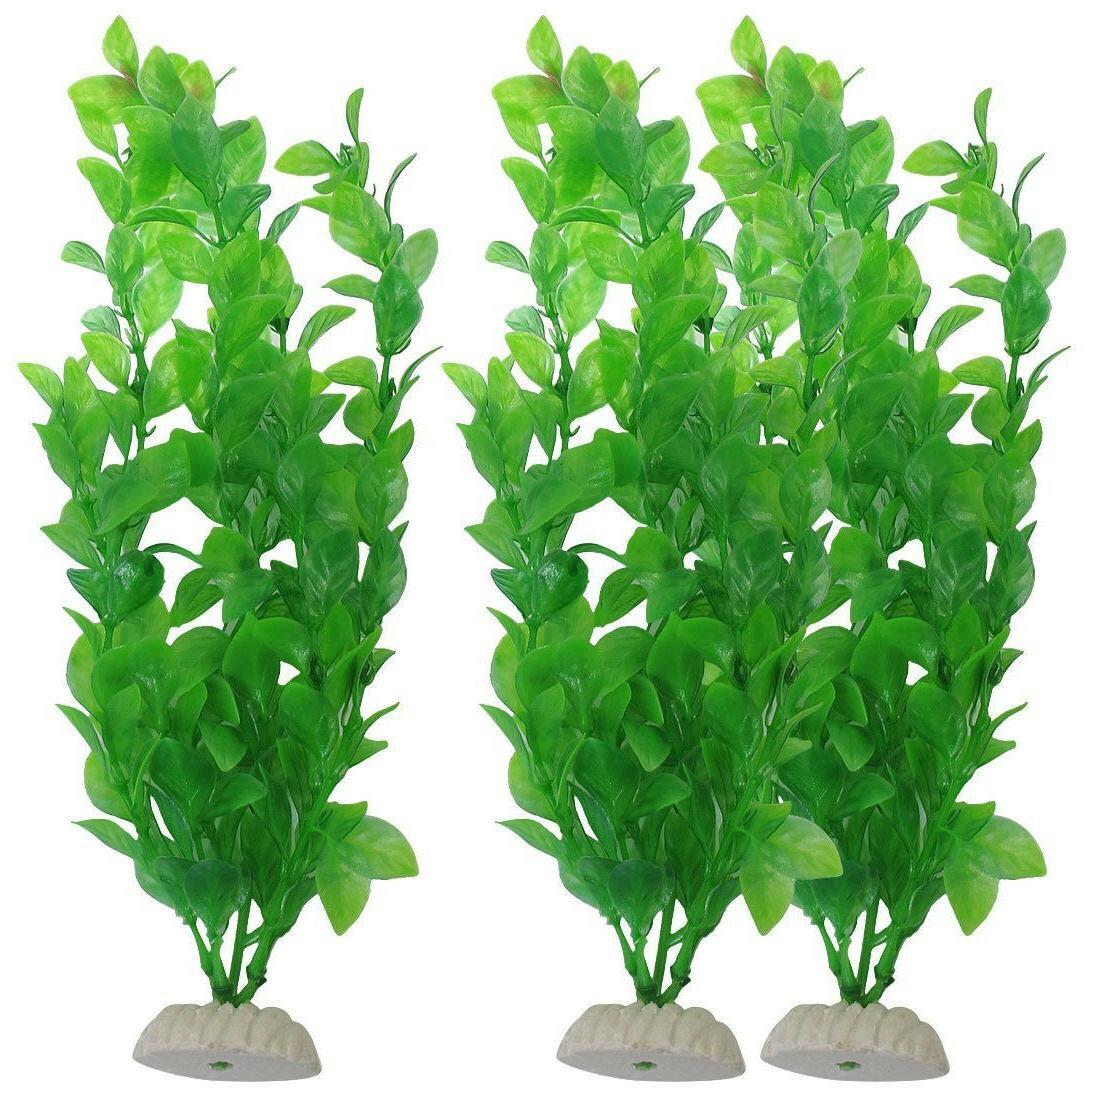 3pcs artificial aquarium fish tank green plastic